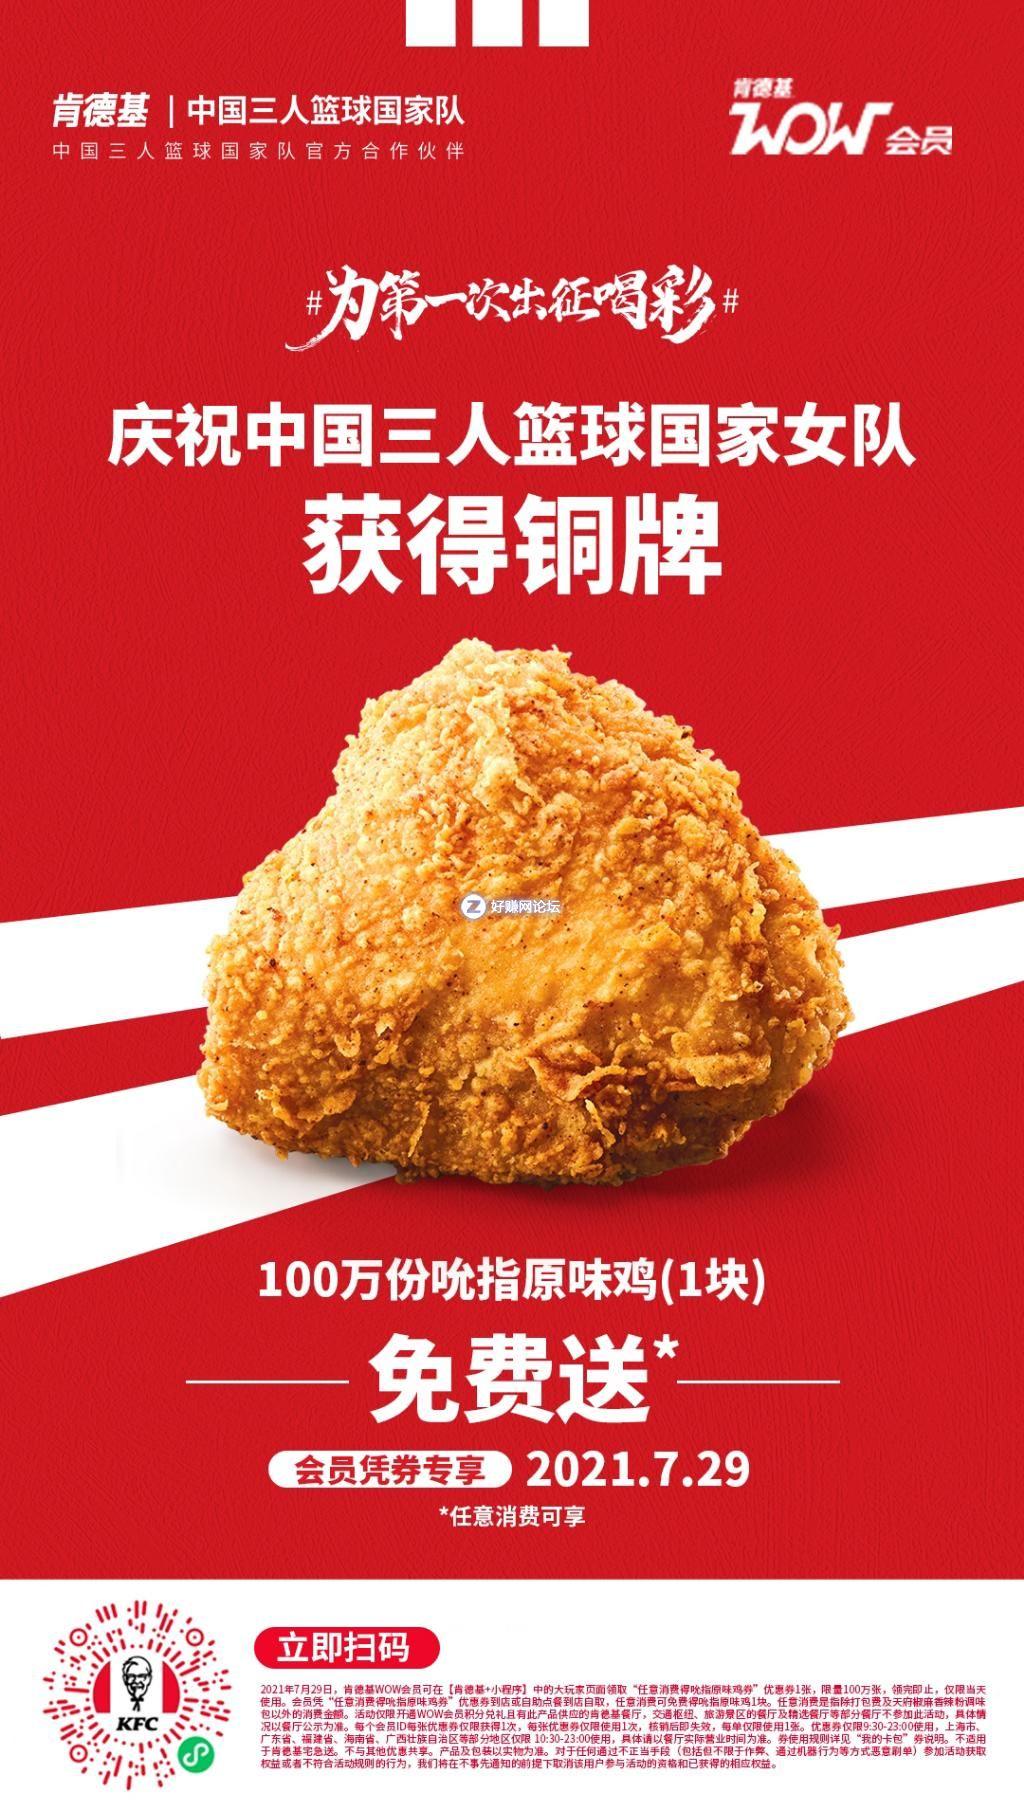 免费肯德基原味鸡,任意消费